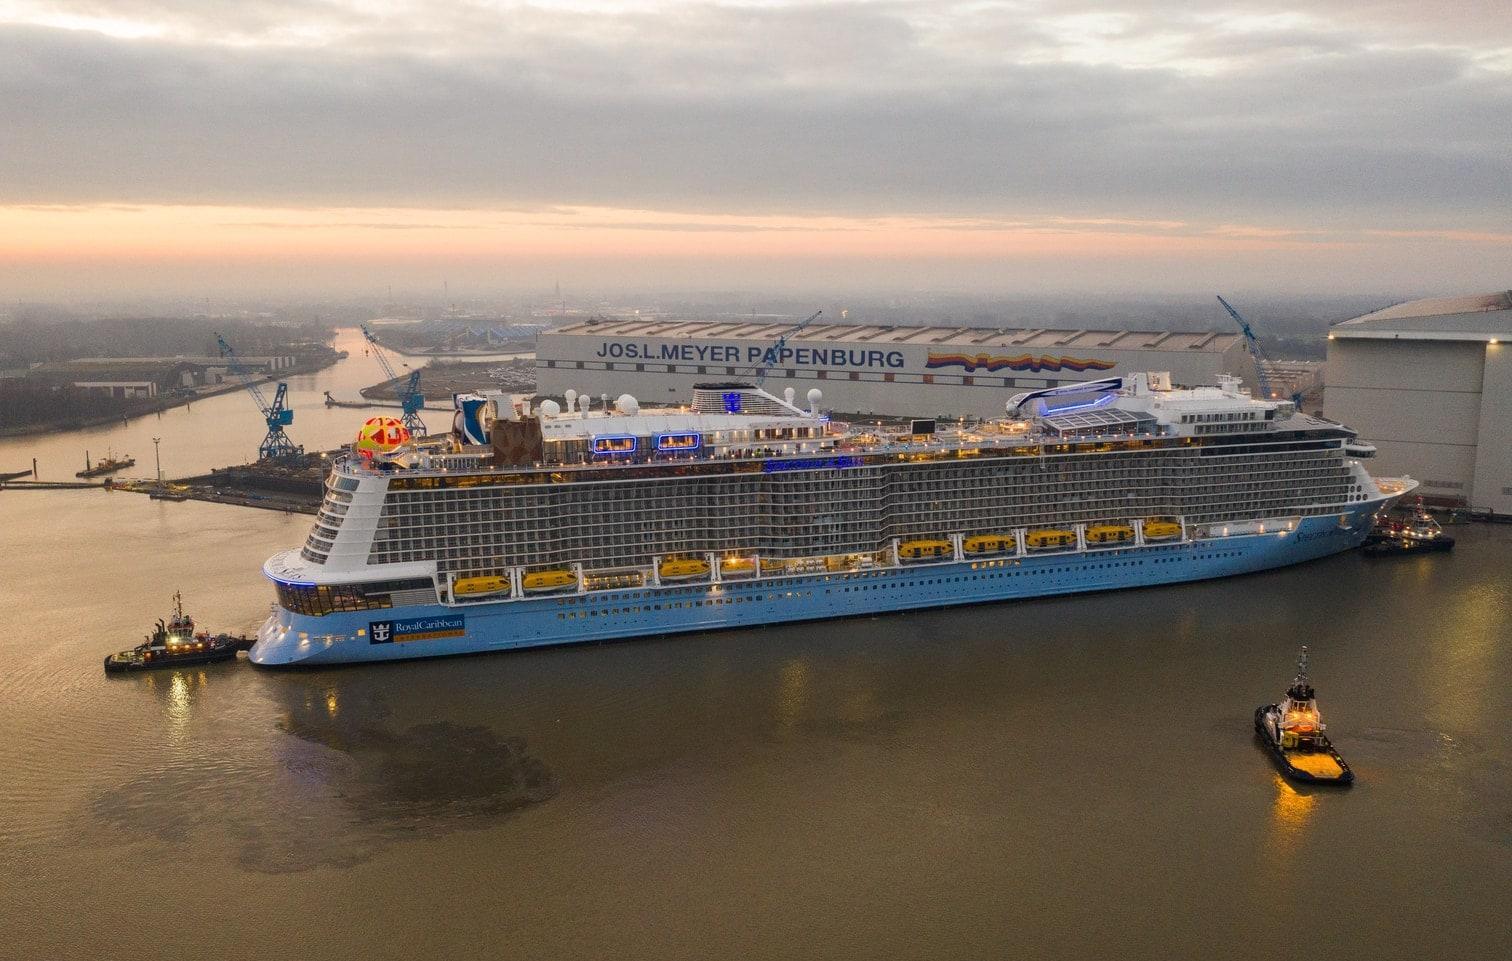 """<p>Der Kreuzfahrt-Gigant """"Spectrum of the Seas"""" ist aus der Meyer Werft in Papenburg in Richtung Nordsee überführt worden. Hier seht ihr die Bilder.</p> Foto: dpa/Christophe Gateau"""